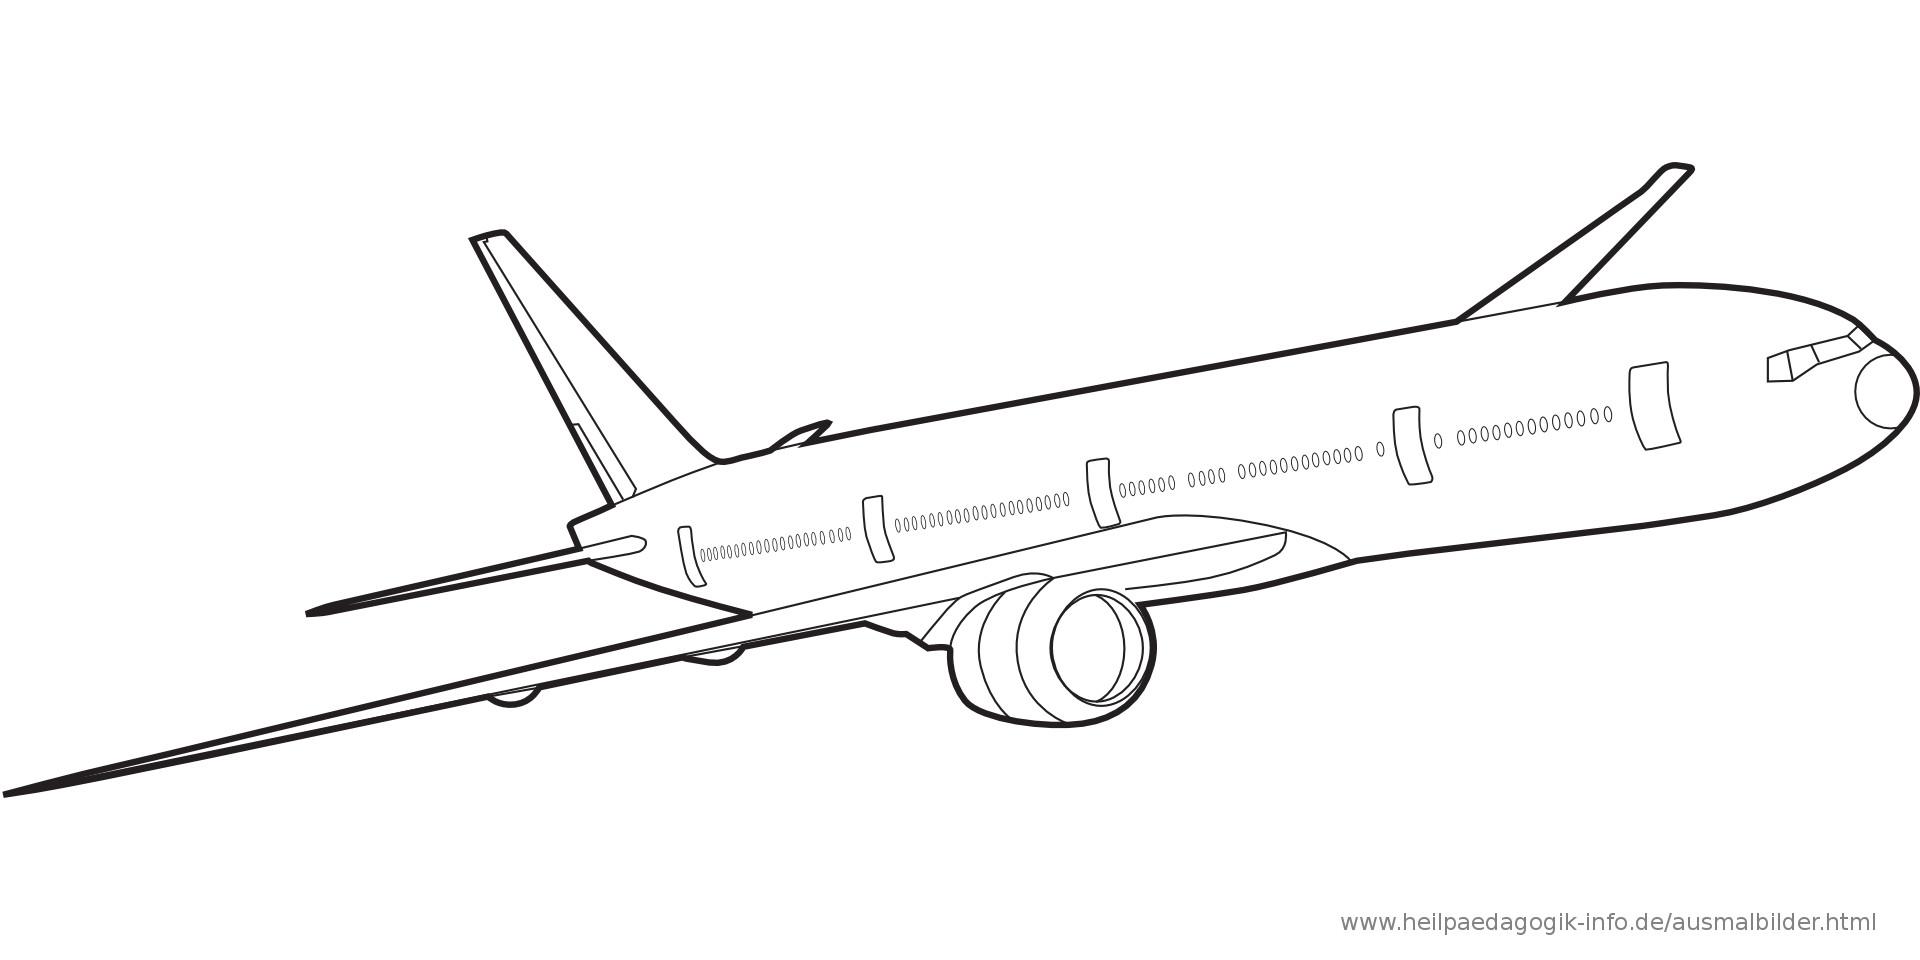 Flugzeug Ausmalbilder  Ausmalbilder Flugzeuge Malvorlage Gratis